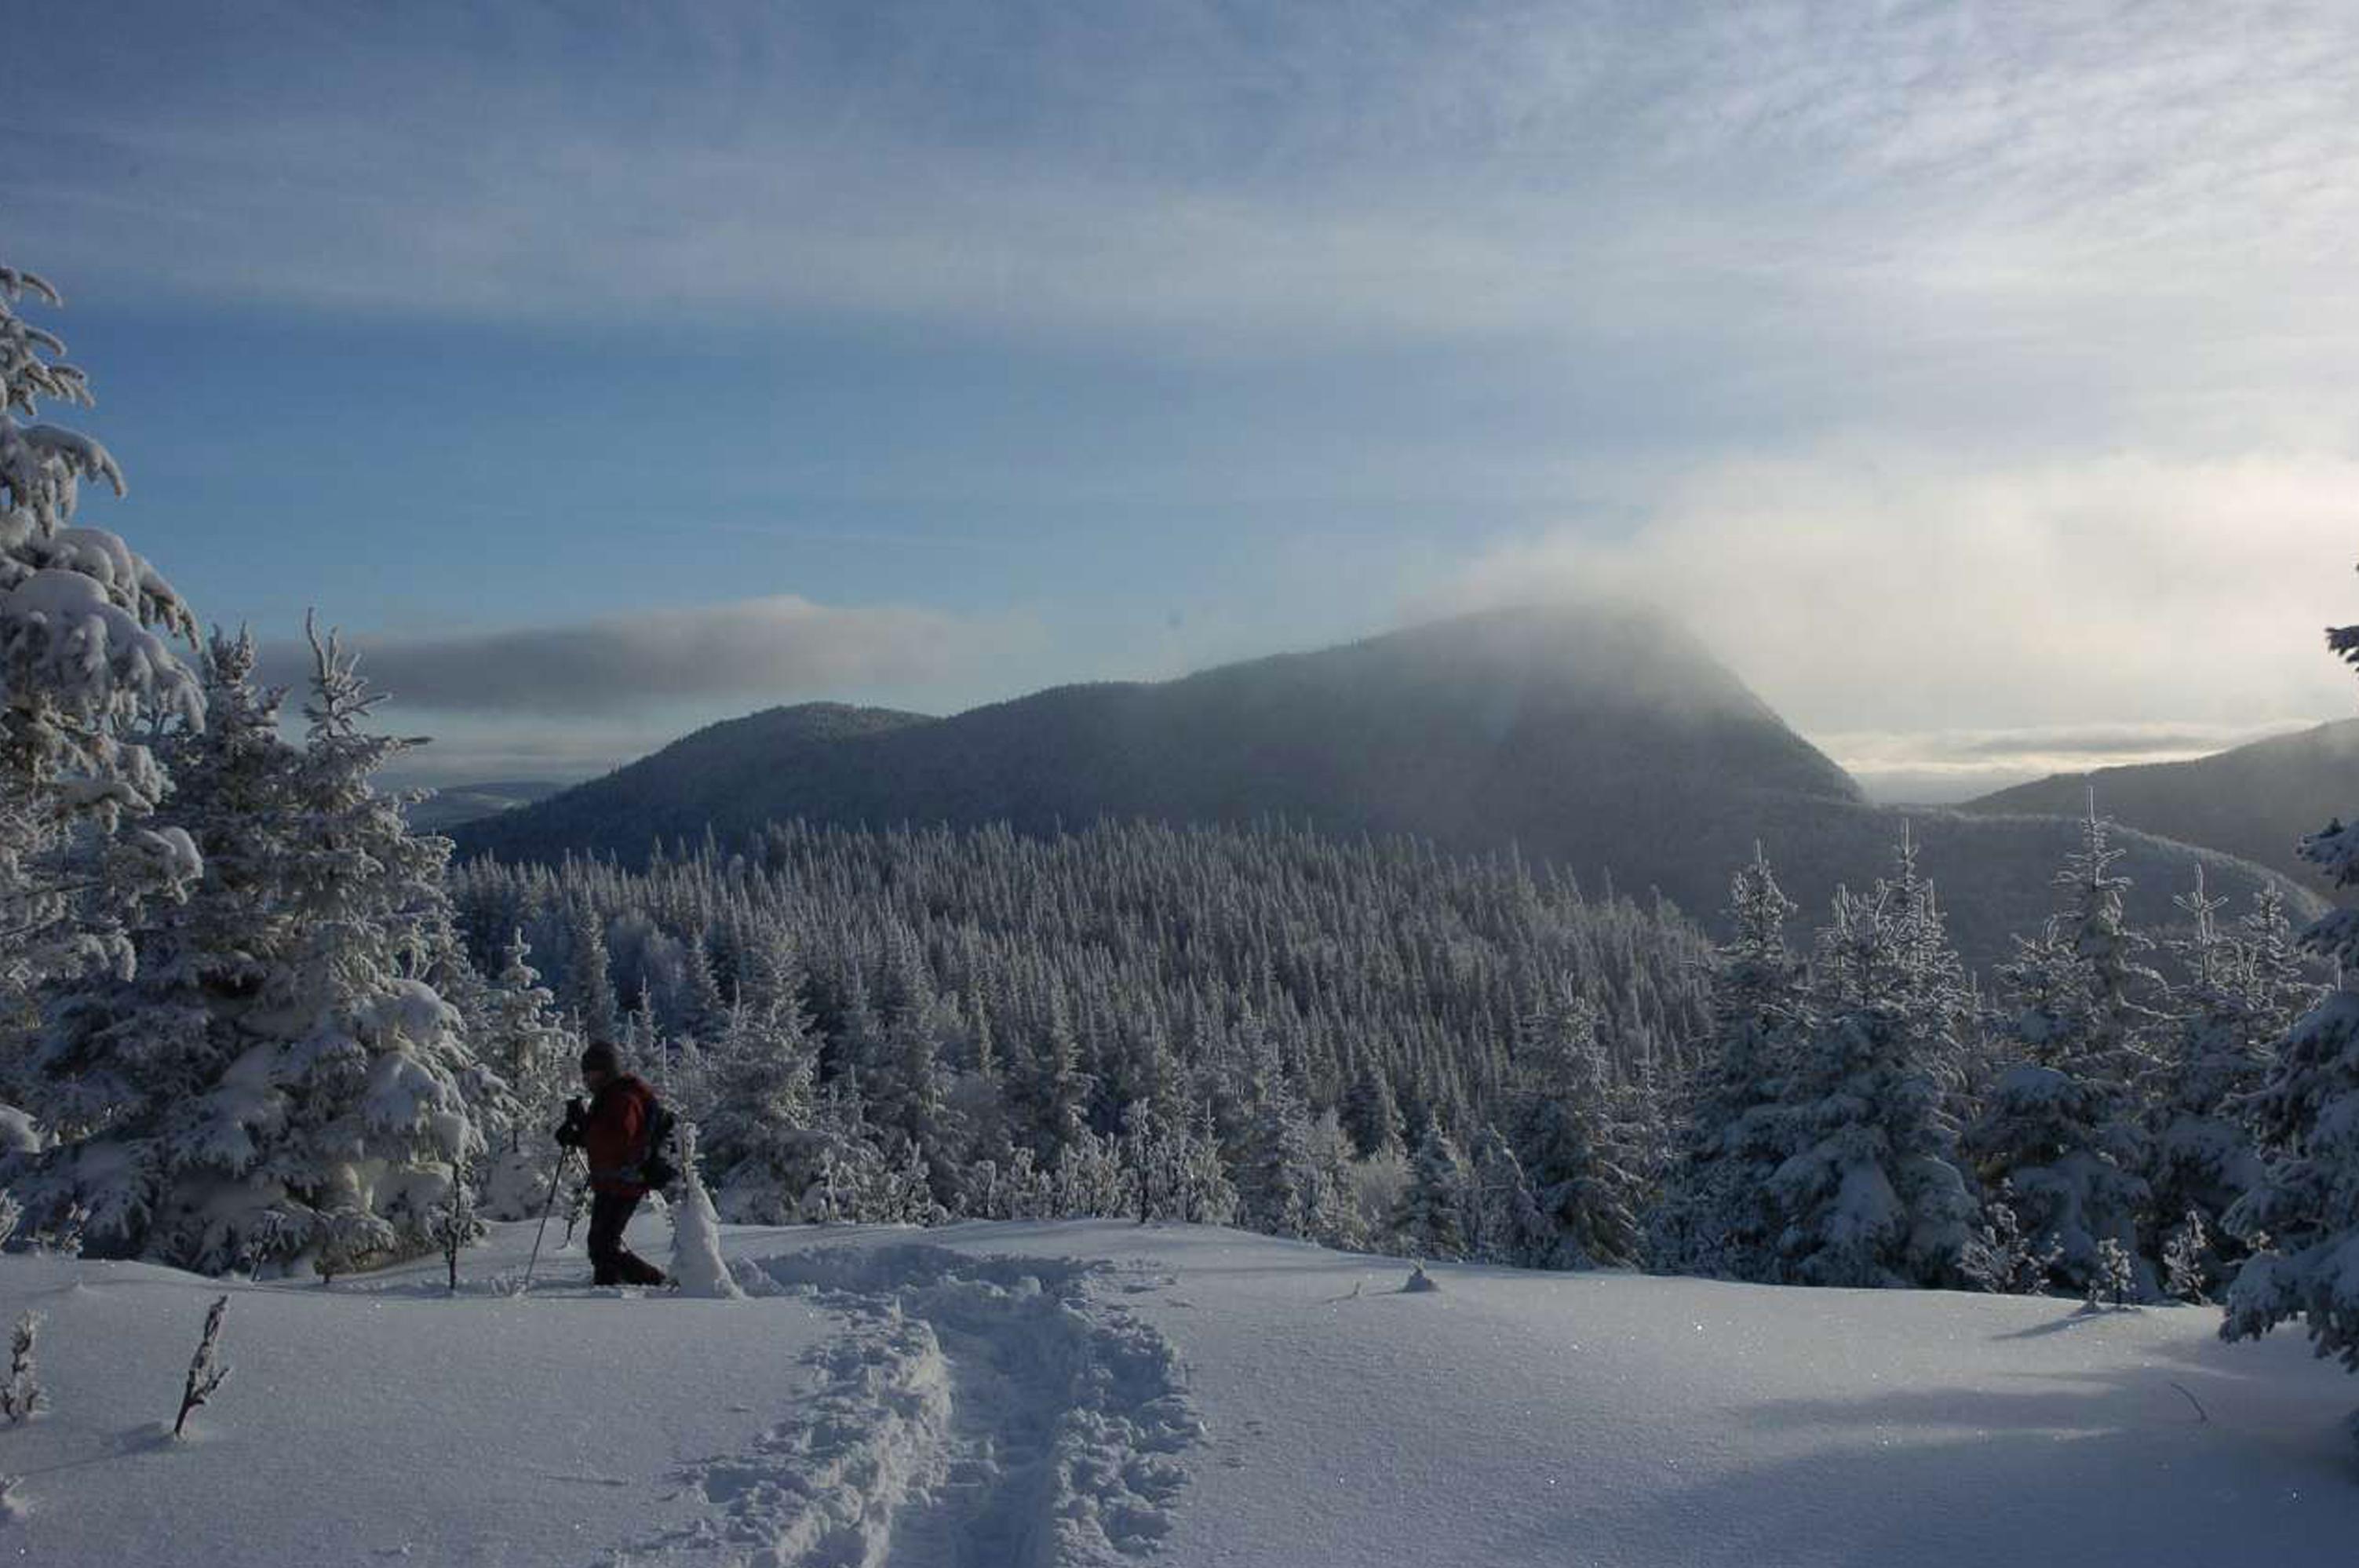 Auberge de montagne des chic chocs ski de haute route for Auberge du pin rouge